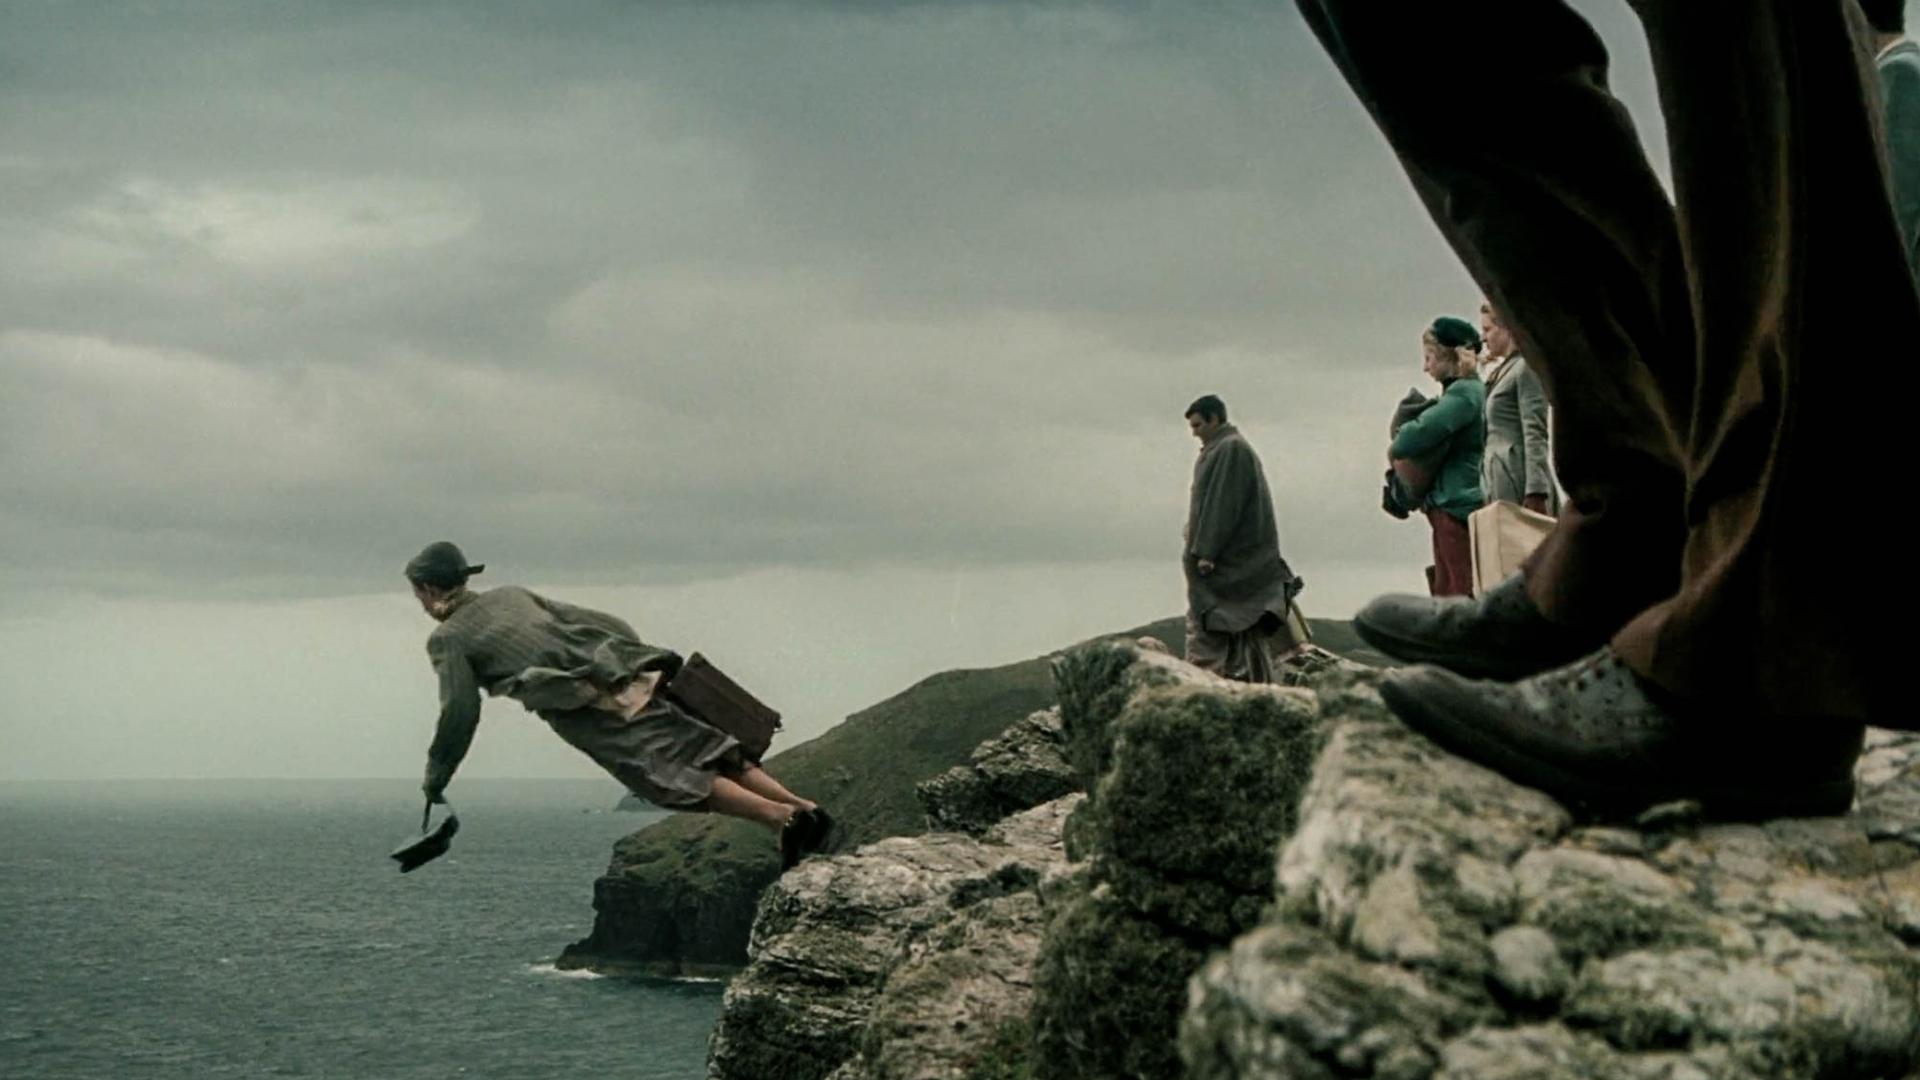 女子从悬崖跳下,来到传说中的异界,但那边的一切让人感到恐惧